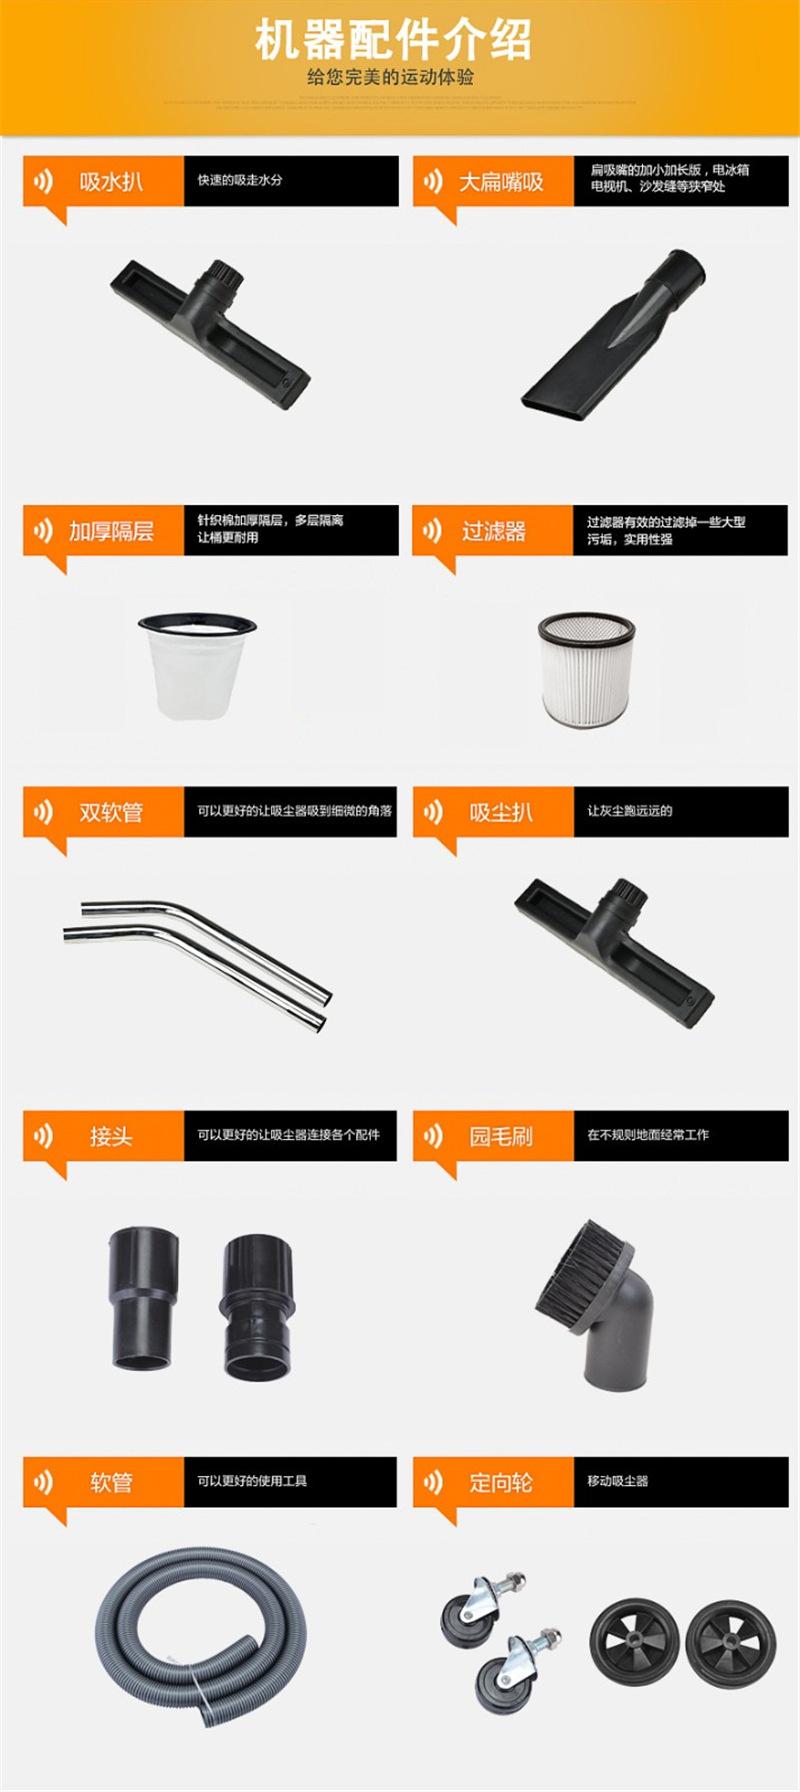 生产厂家工业移动式吸尘器 集尘机 固定式吸尘器 双桶吸尘器示例图5